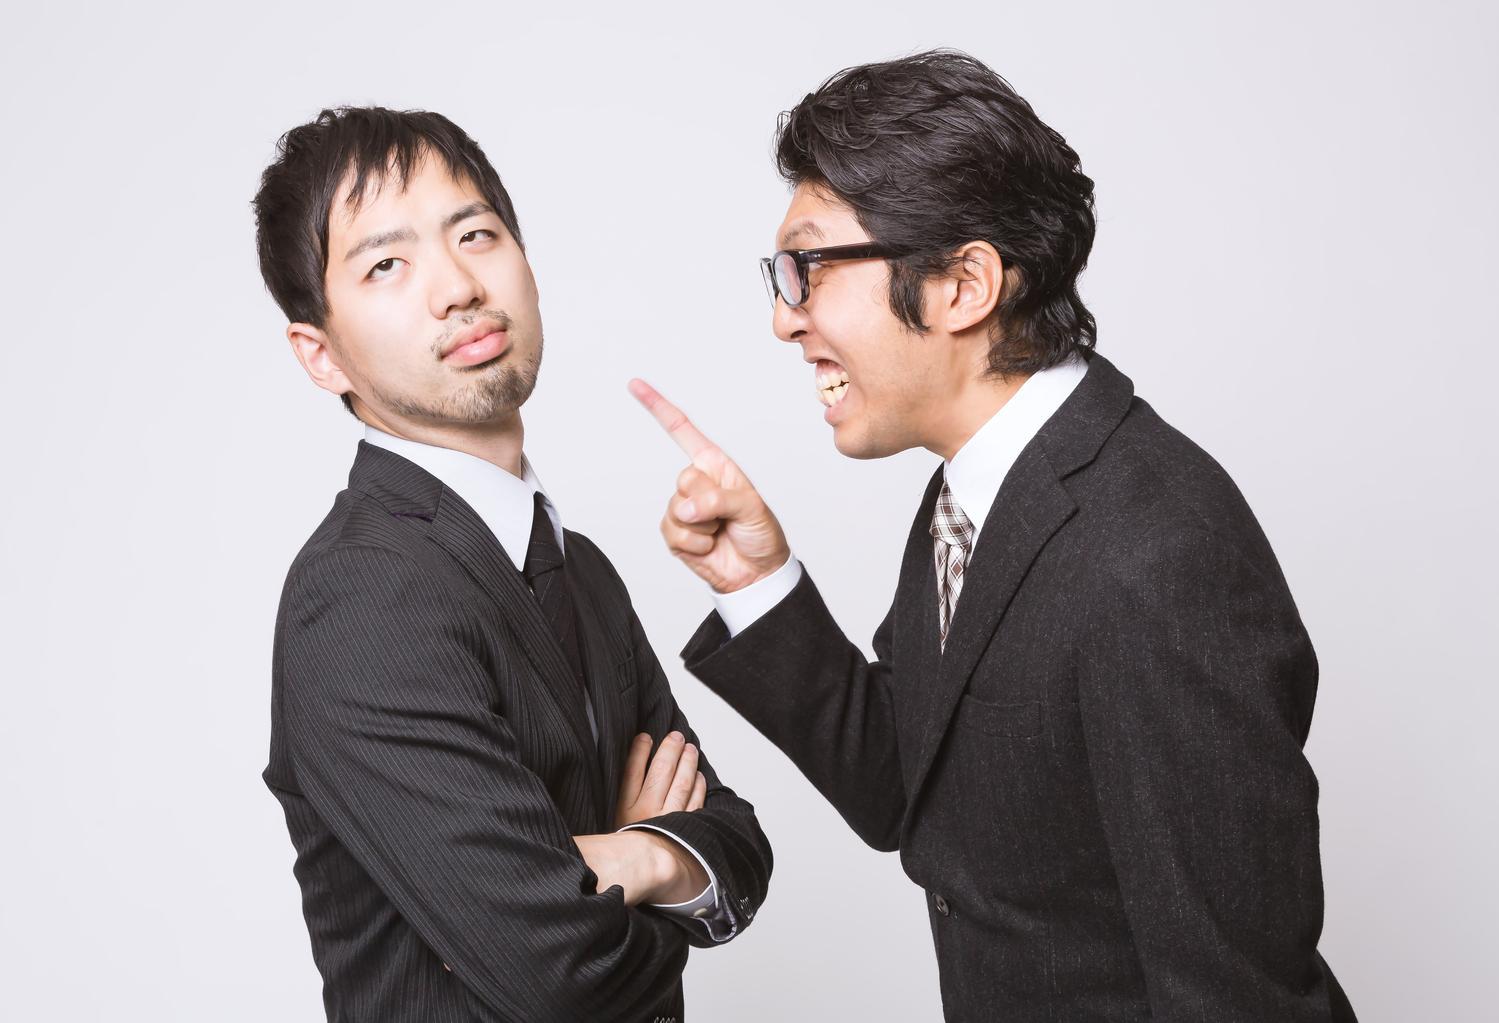 対話の技法イメージ画像